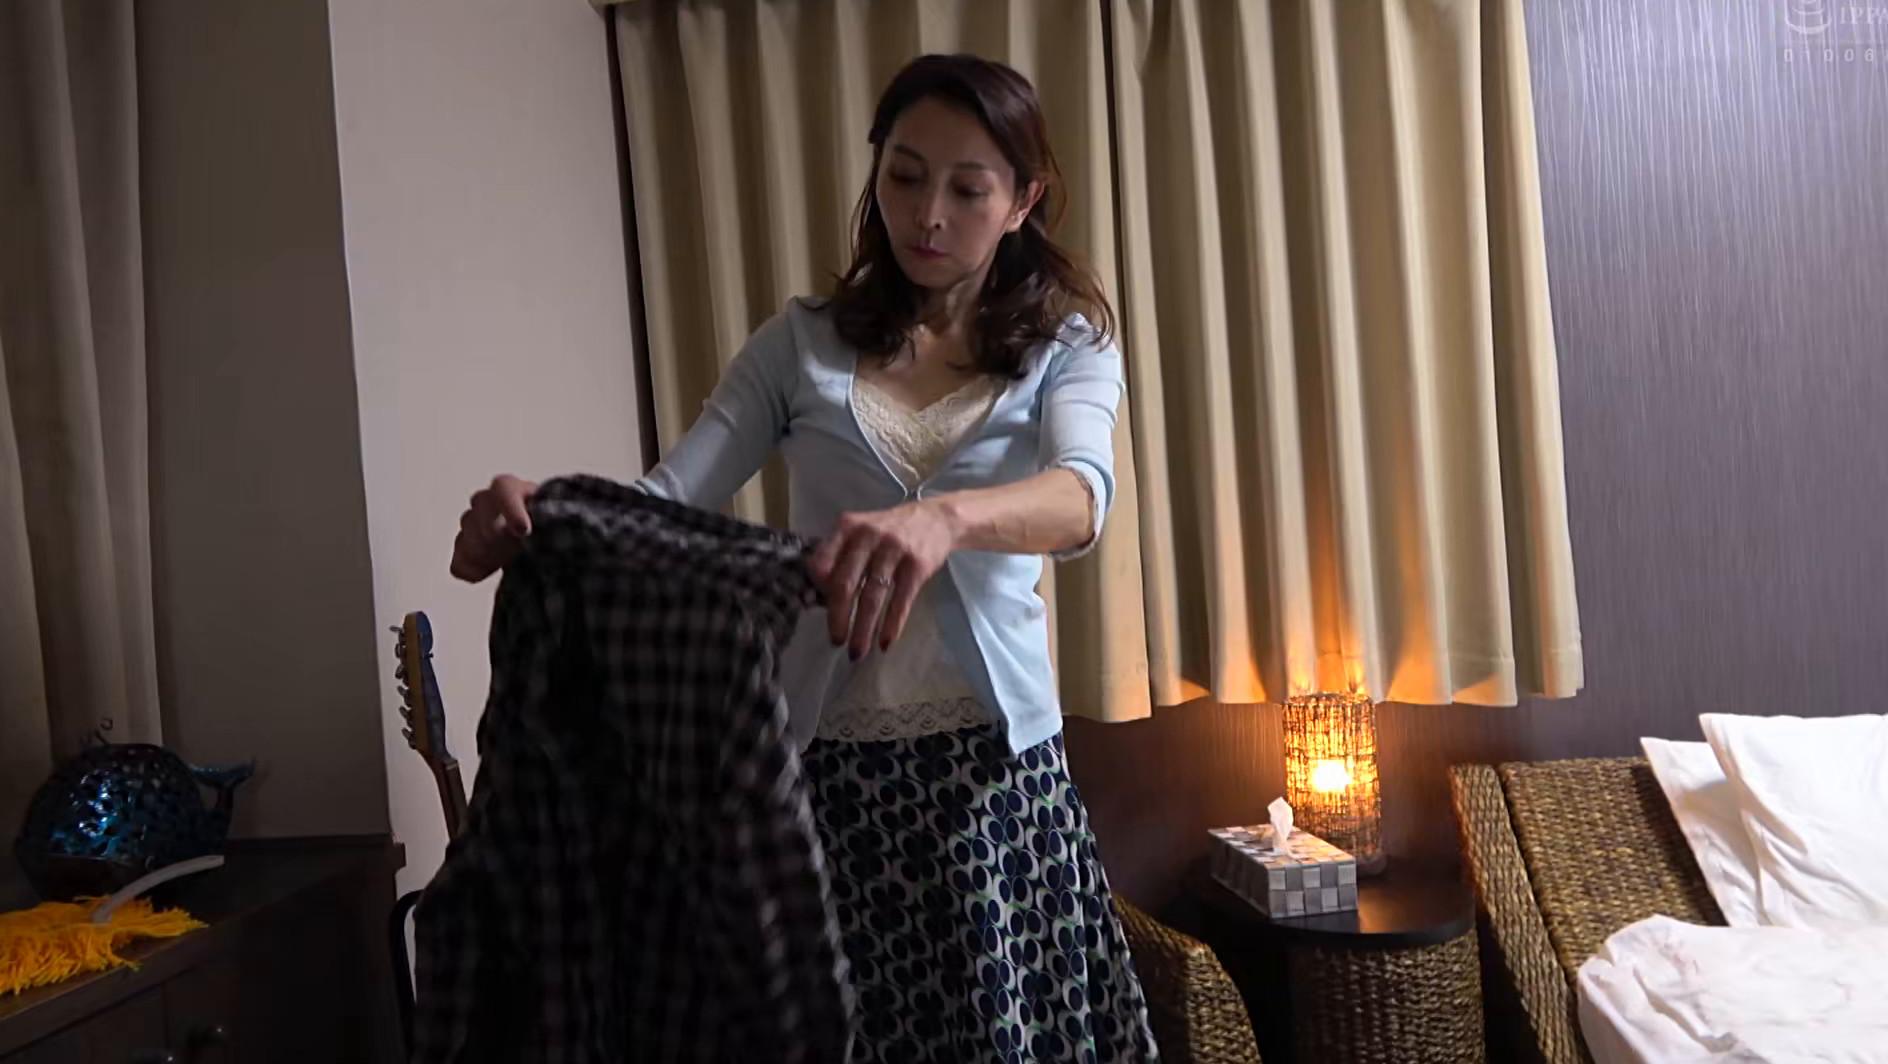 息子の部屋でエロ本を見つけてオナニーする母 画像6